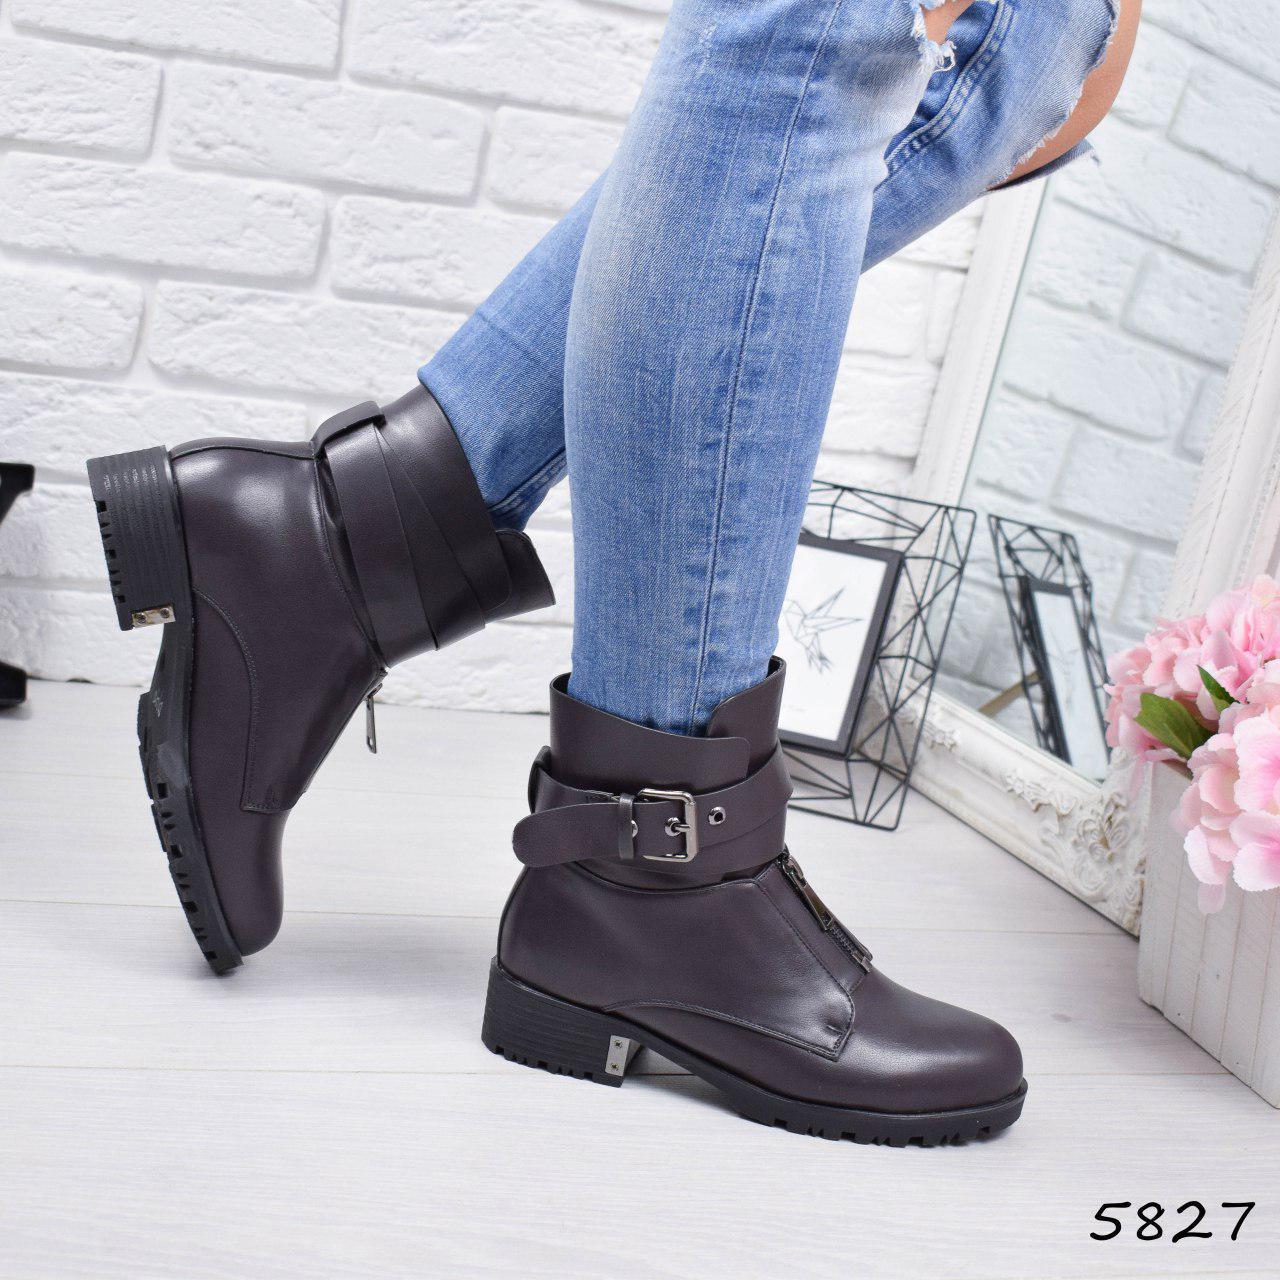 """Ботинки, ботильоны капучино ЗИМА """"Shirley"""" эко кожа, повседневная, зимняя, теплая, женская обувь"""